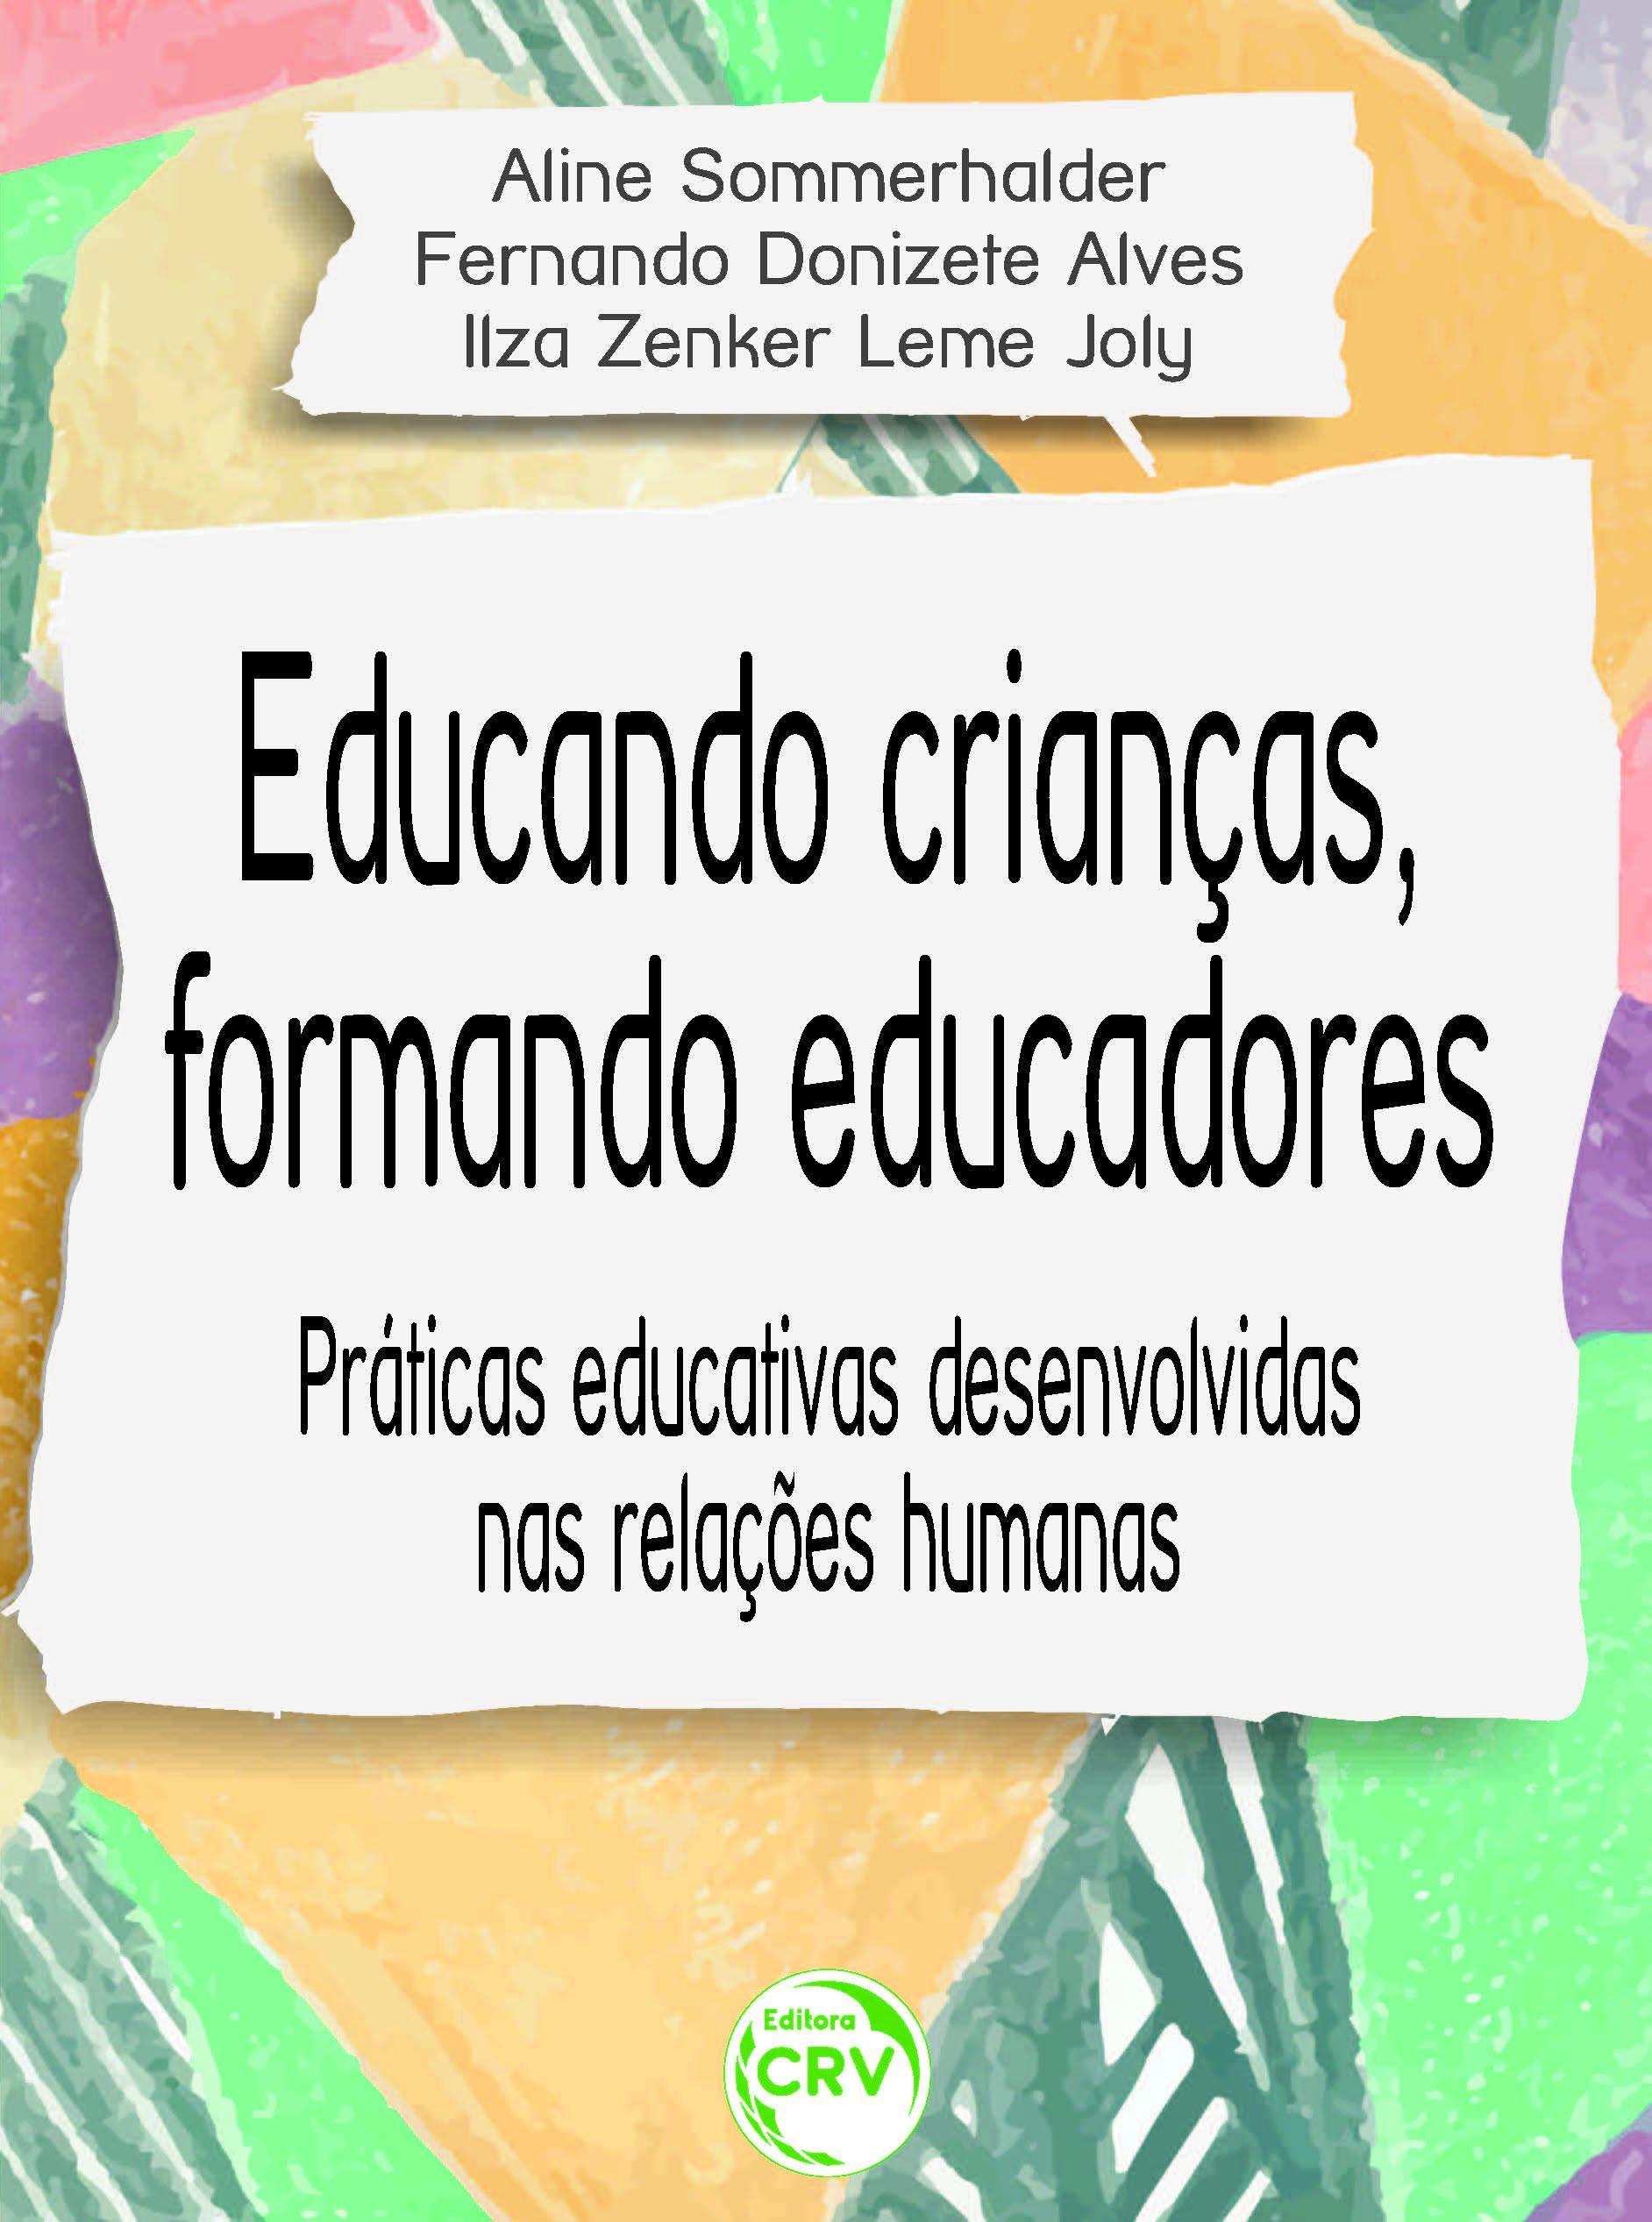 Capa do livro: EDUCANDO CRIANÇAS, FORMANDO EDUCADORES:<br> praticas educativas desenvolvidas nas relações humanas